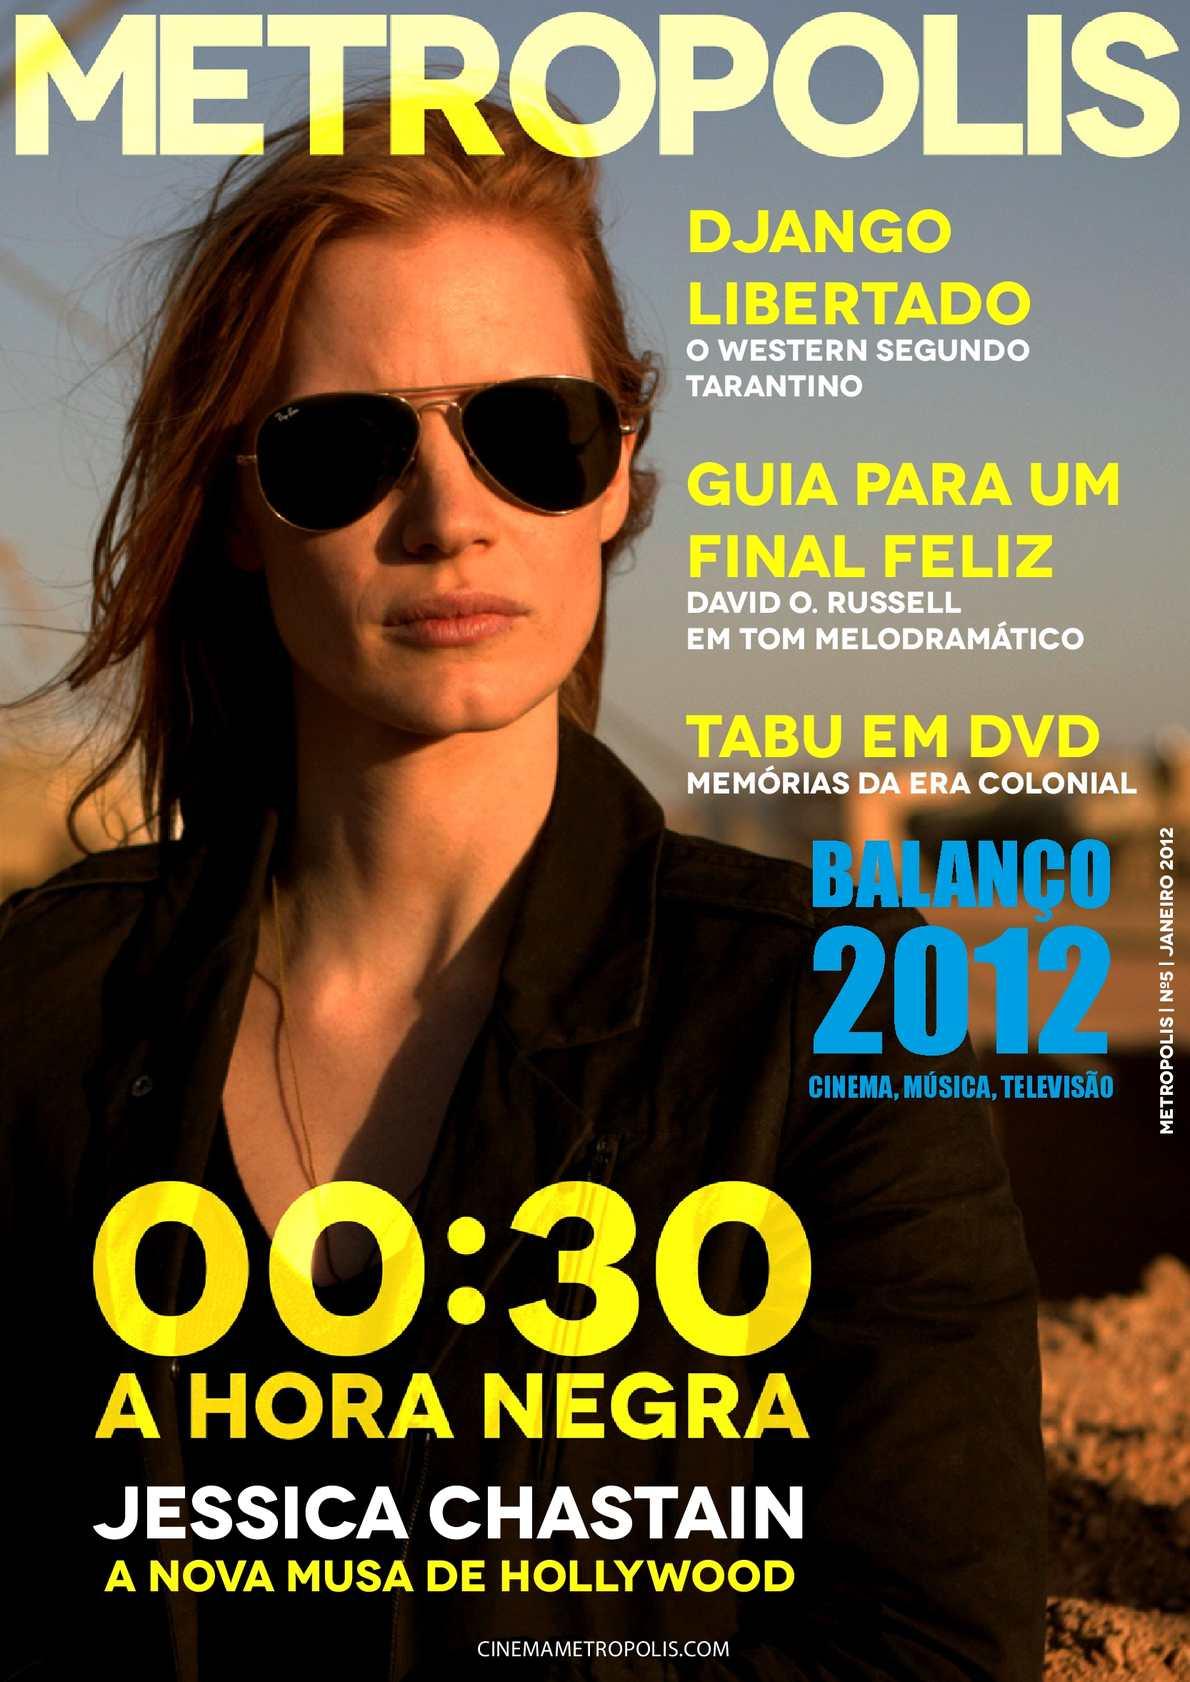 Calaméo - METROPOLIS Ed. 5 Janeiro 2013 7456a143cf